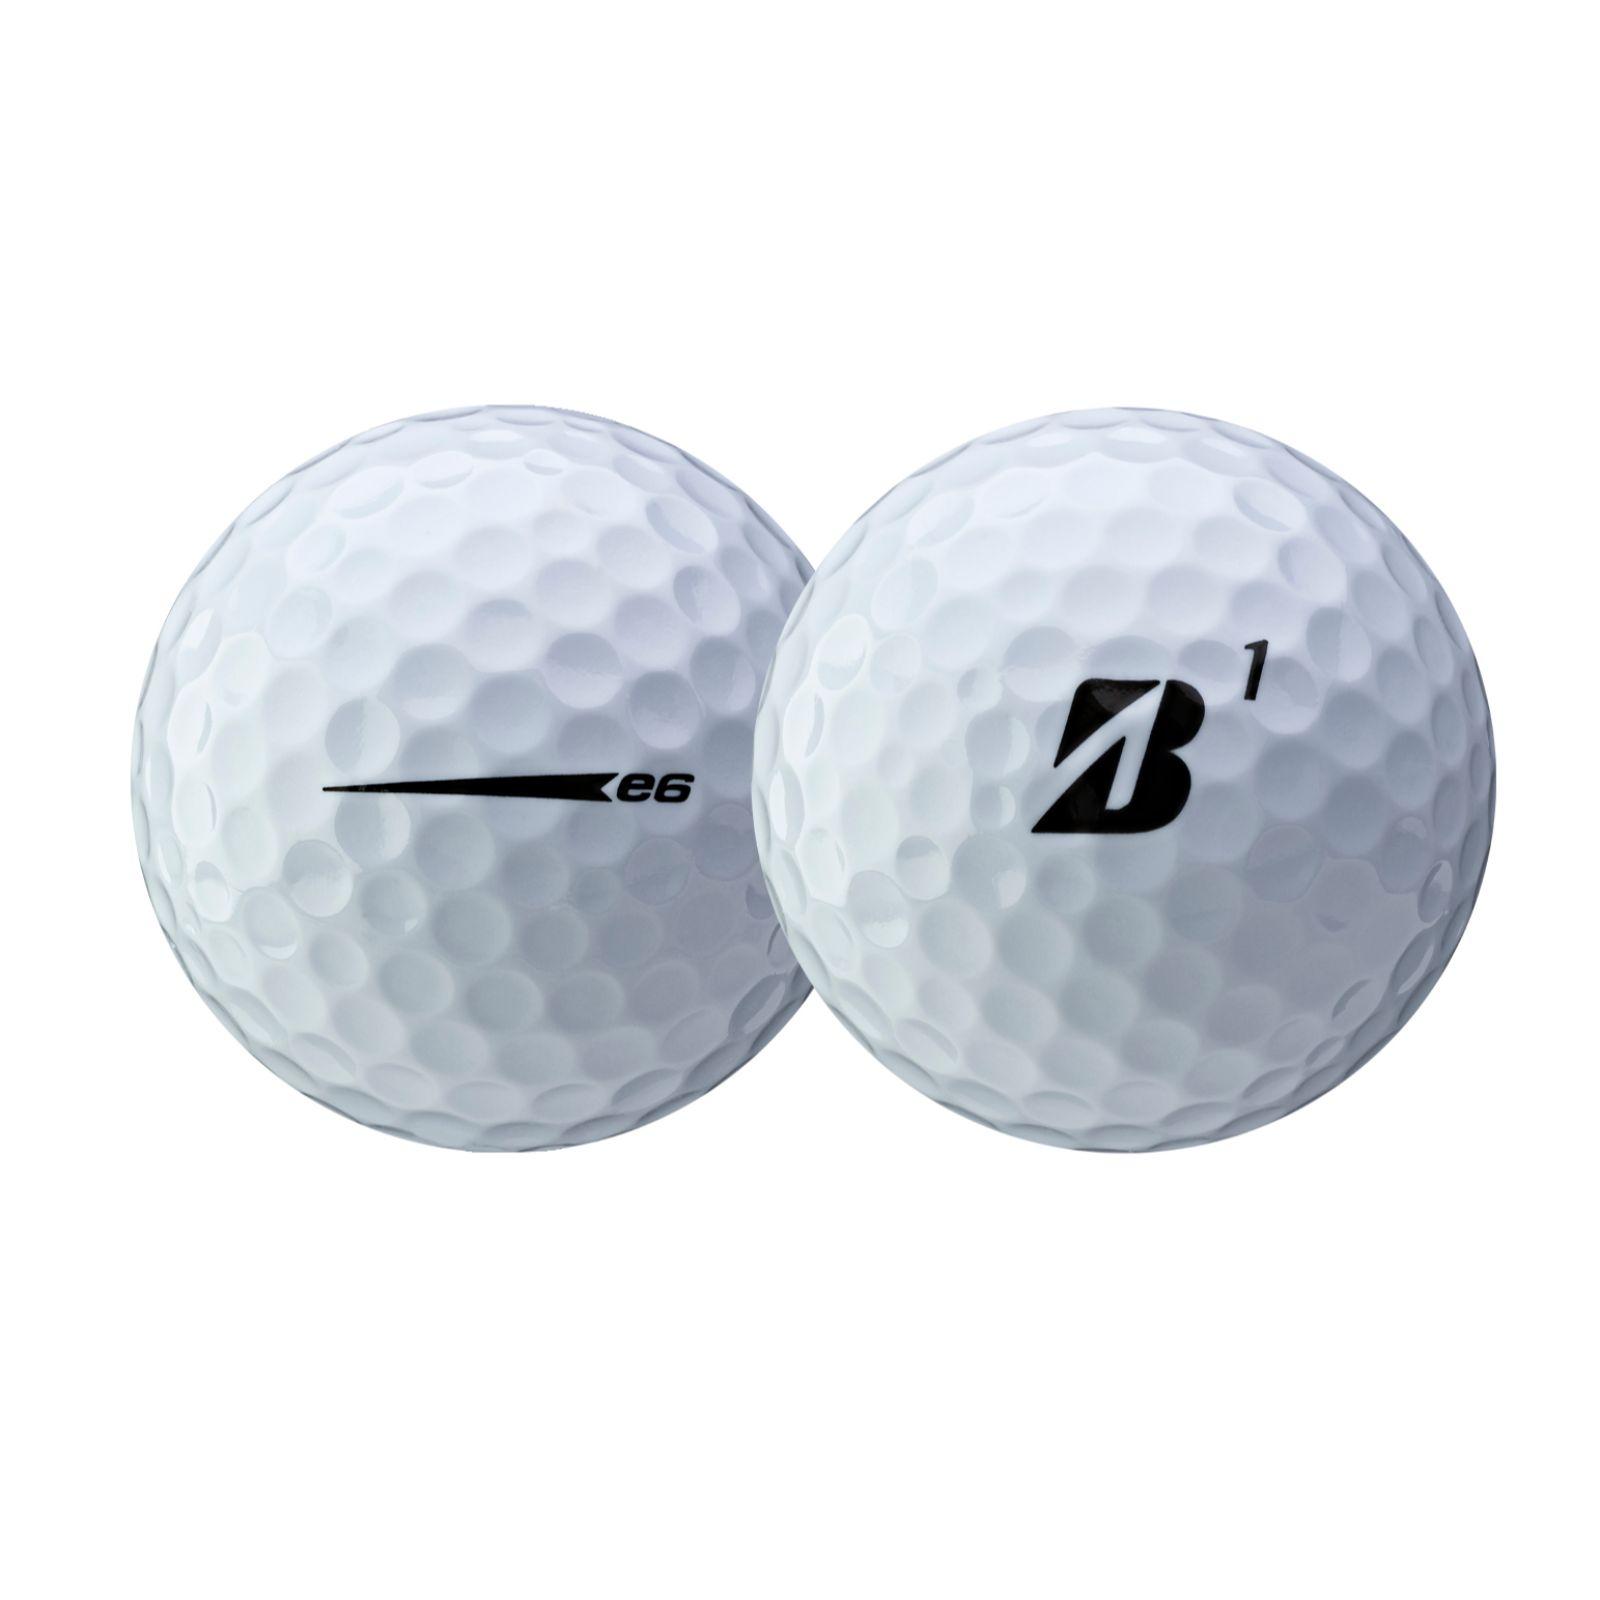 Bridgestone 2021 e6 White Golf Ball - Dozen